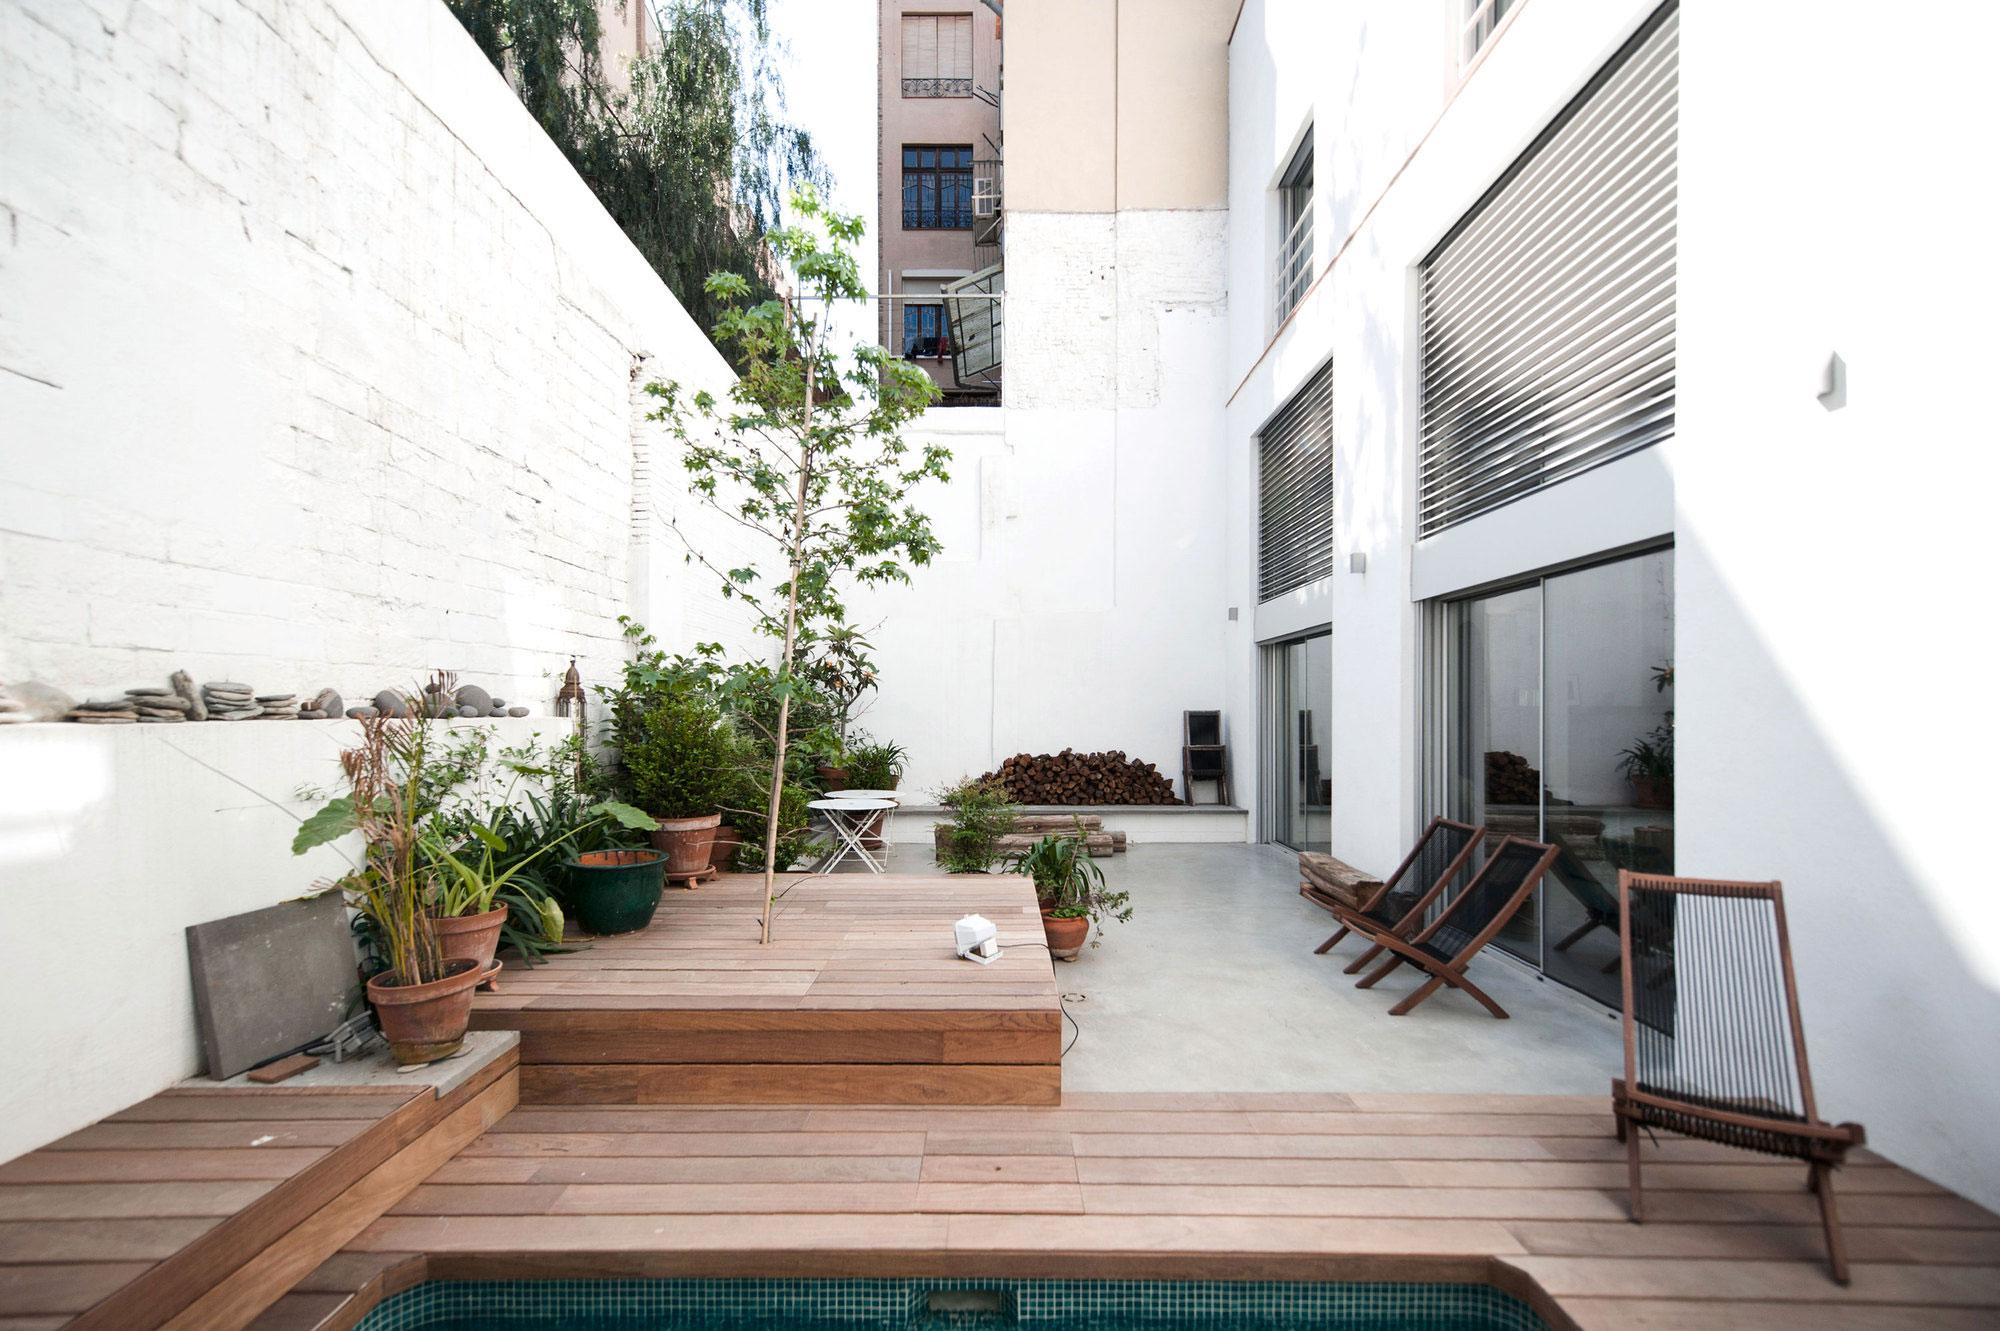 Gracia home in Barcelona by Lluís Corbella & Marc Mazeres-01